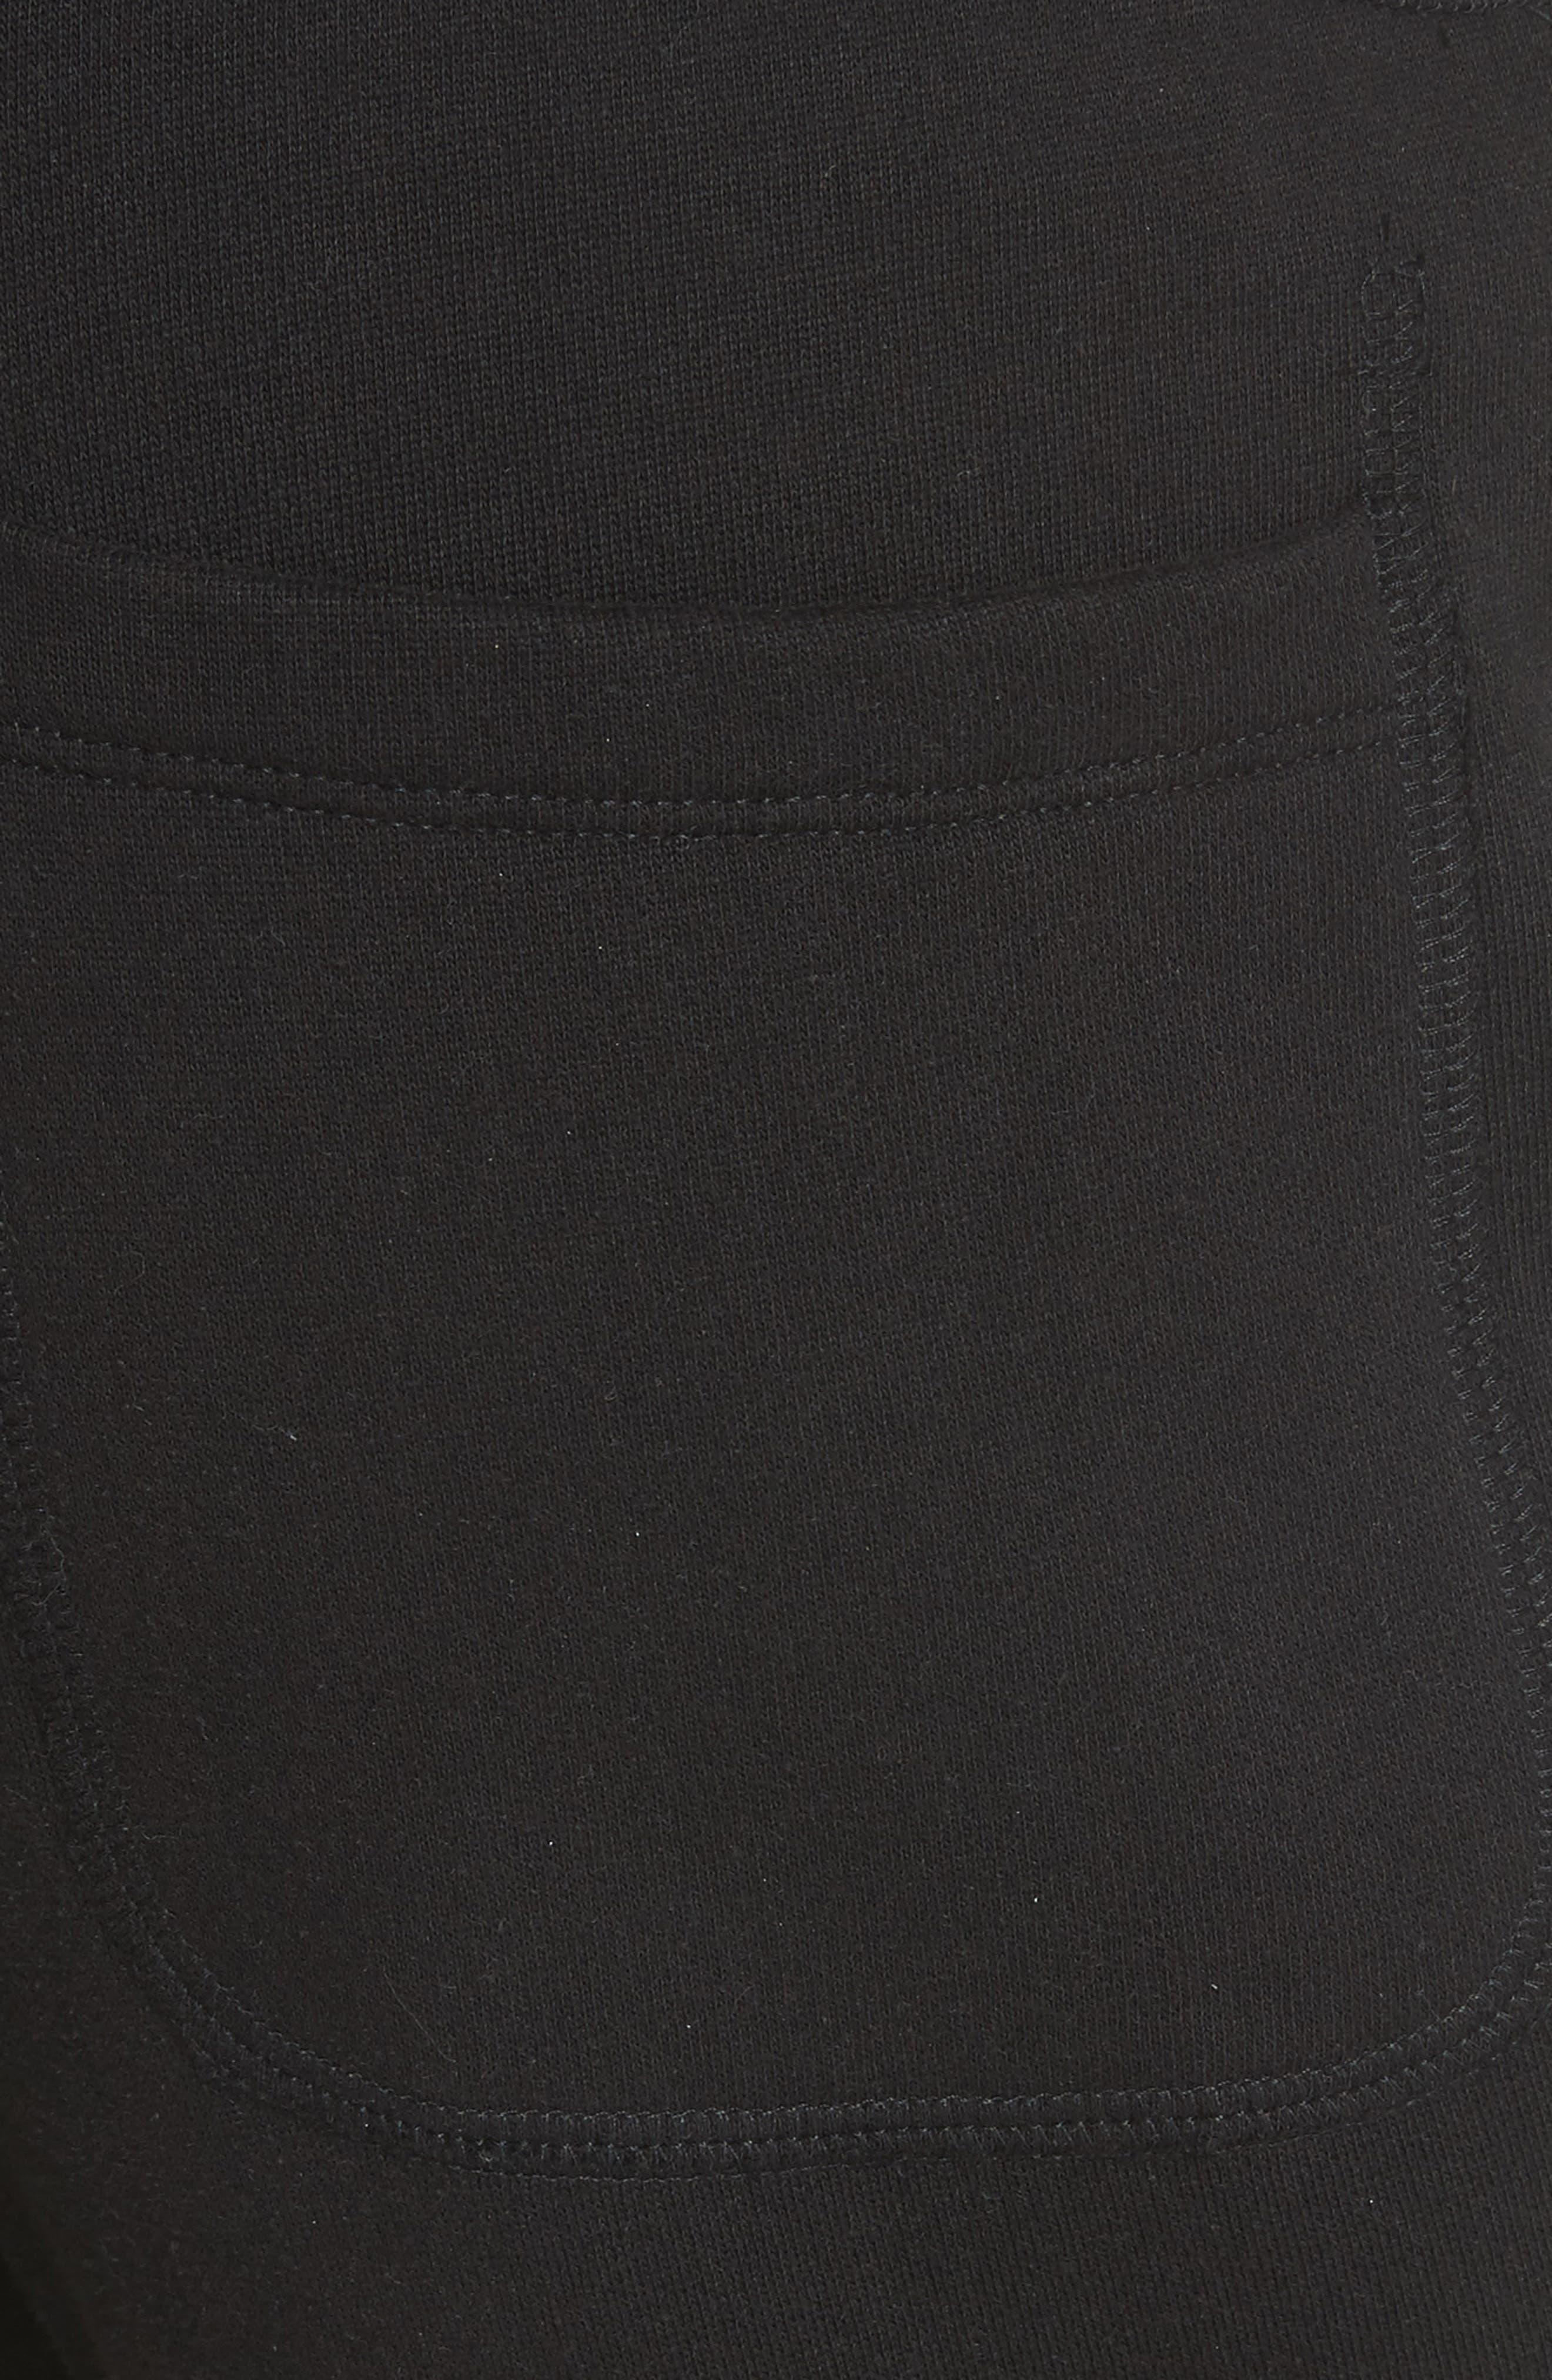 Cotton Blend Jogger Pants,                             Alternate thumbnail 5, color,                             001